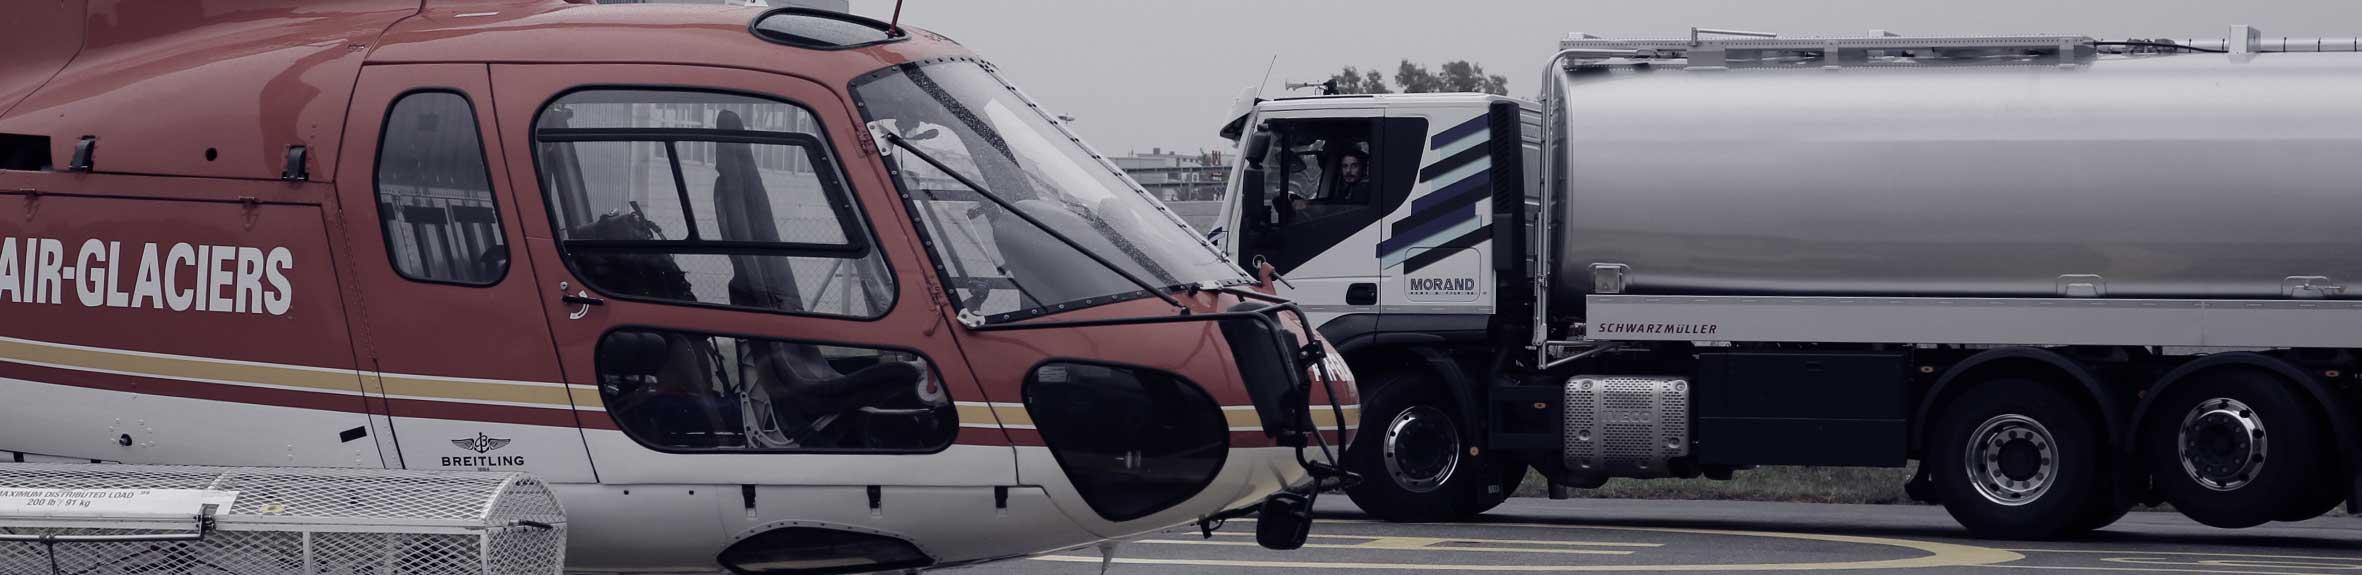 morand-jet-diesel